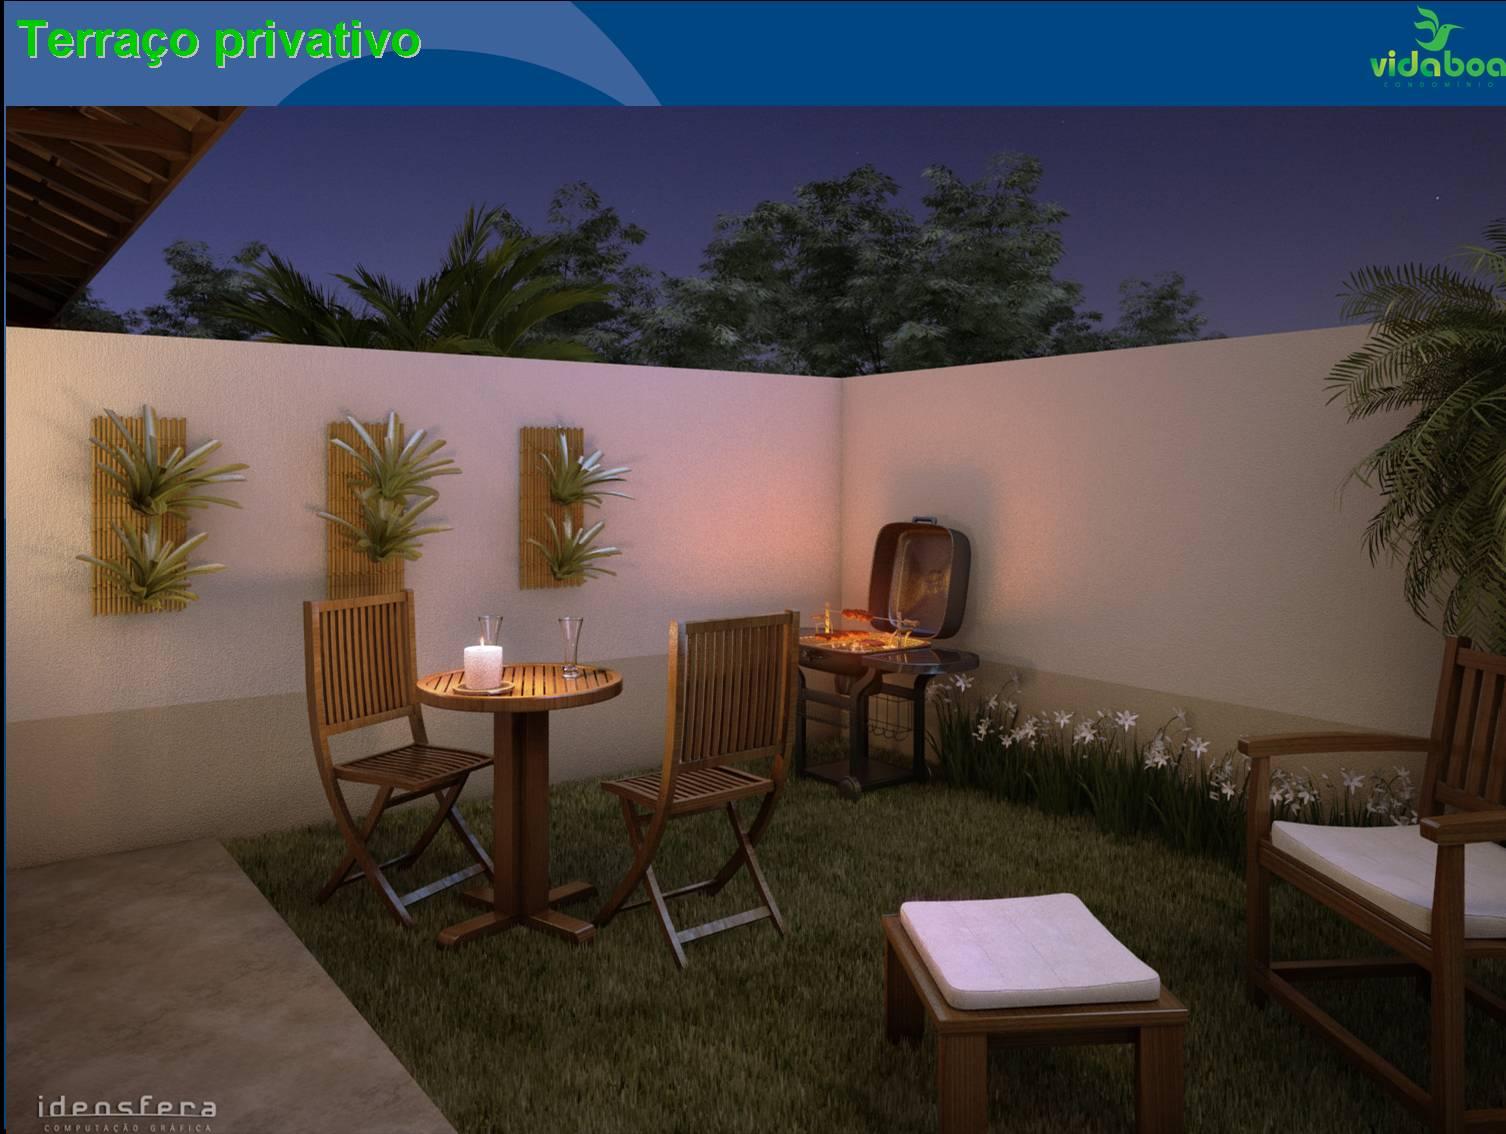 jardim fundo quintal : jardim fundo quintal:1506 x 1134 · 163 kB · jpeg, Esse super aconchegante pra um momento